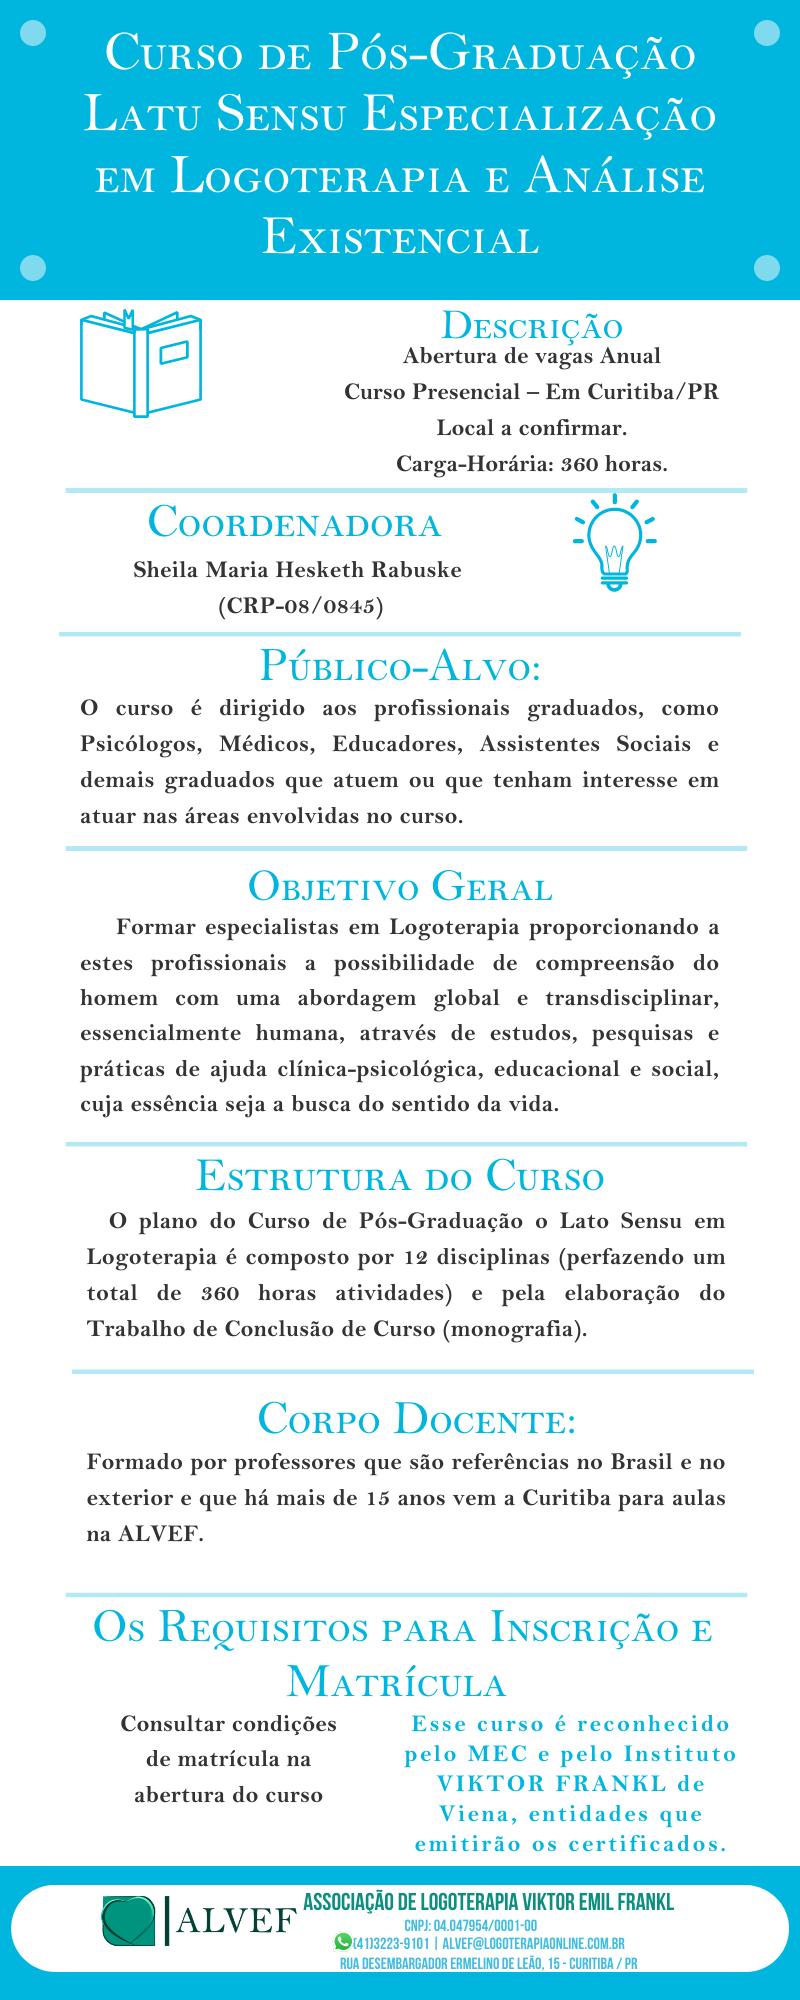 Curso de Pós-Graduação Latu Sensu Especialização em Logoterapia e Análise Existencial